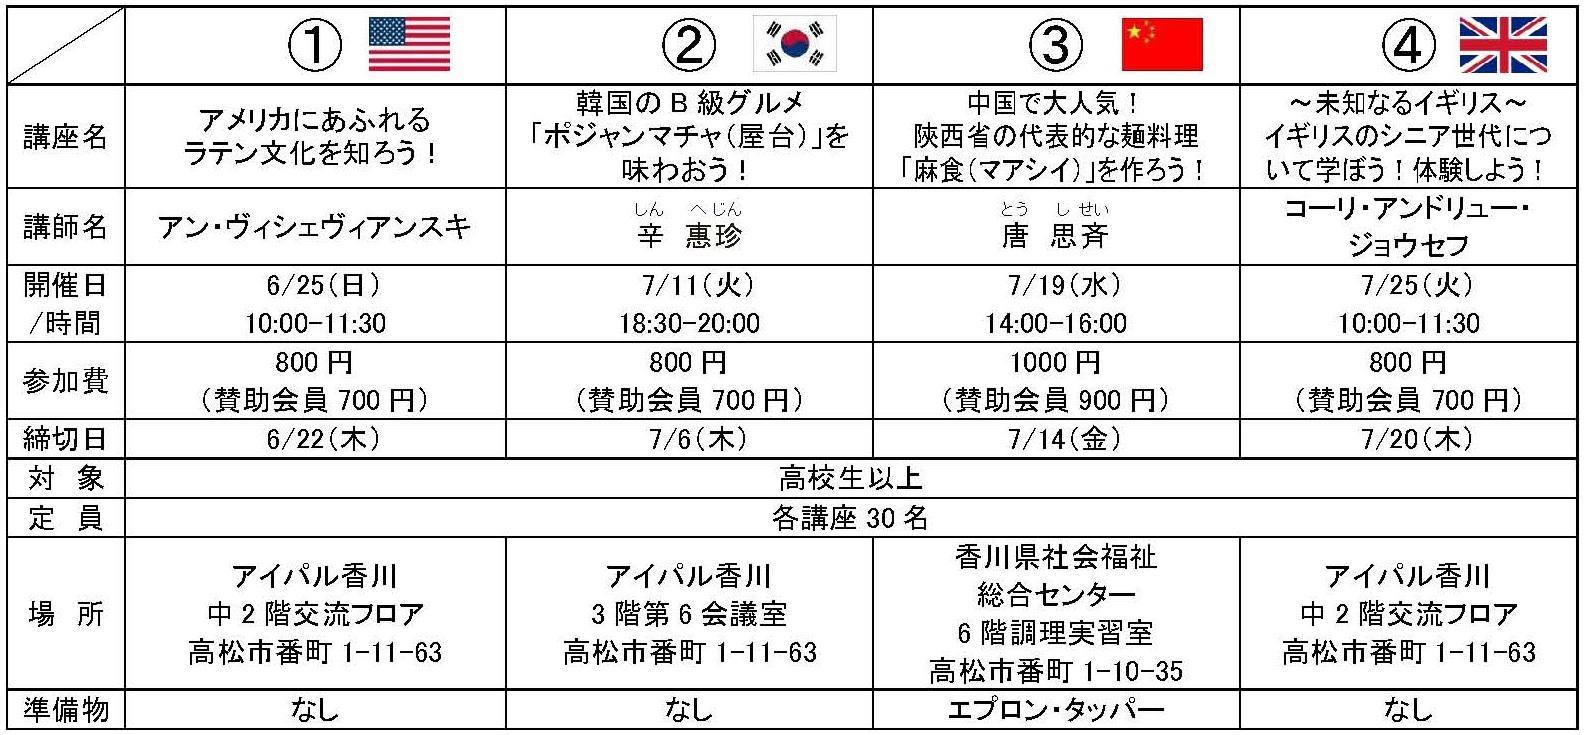 講座案内(表のみ②).jpg